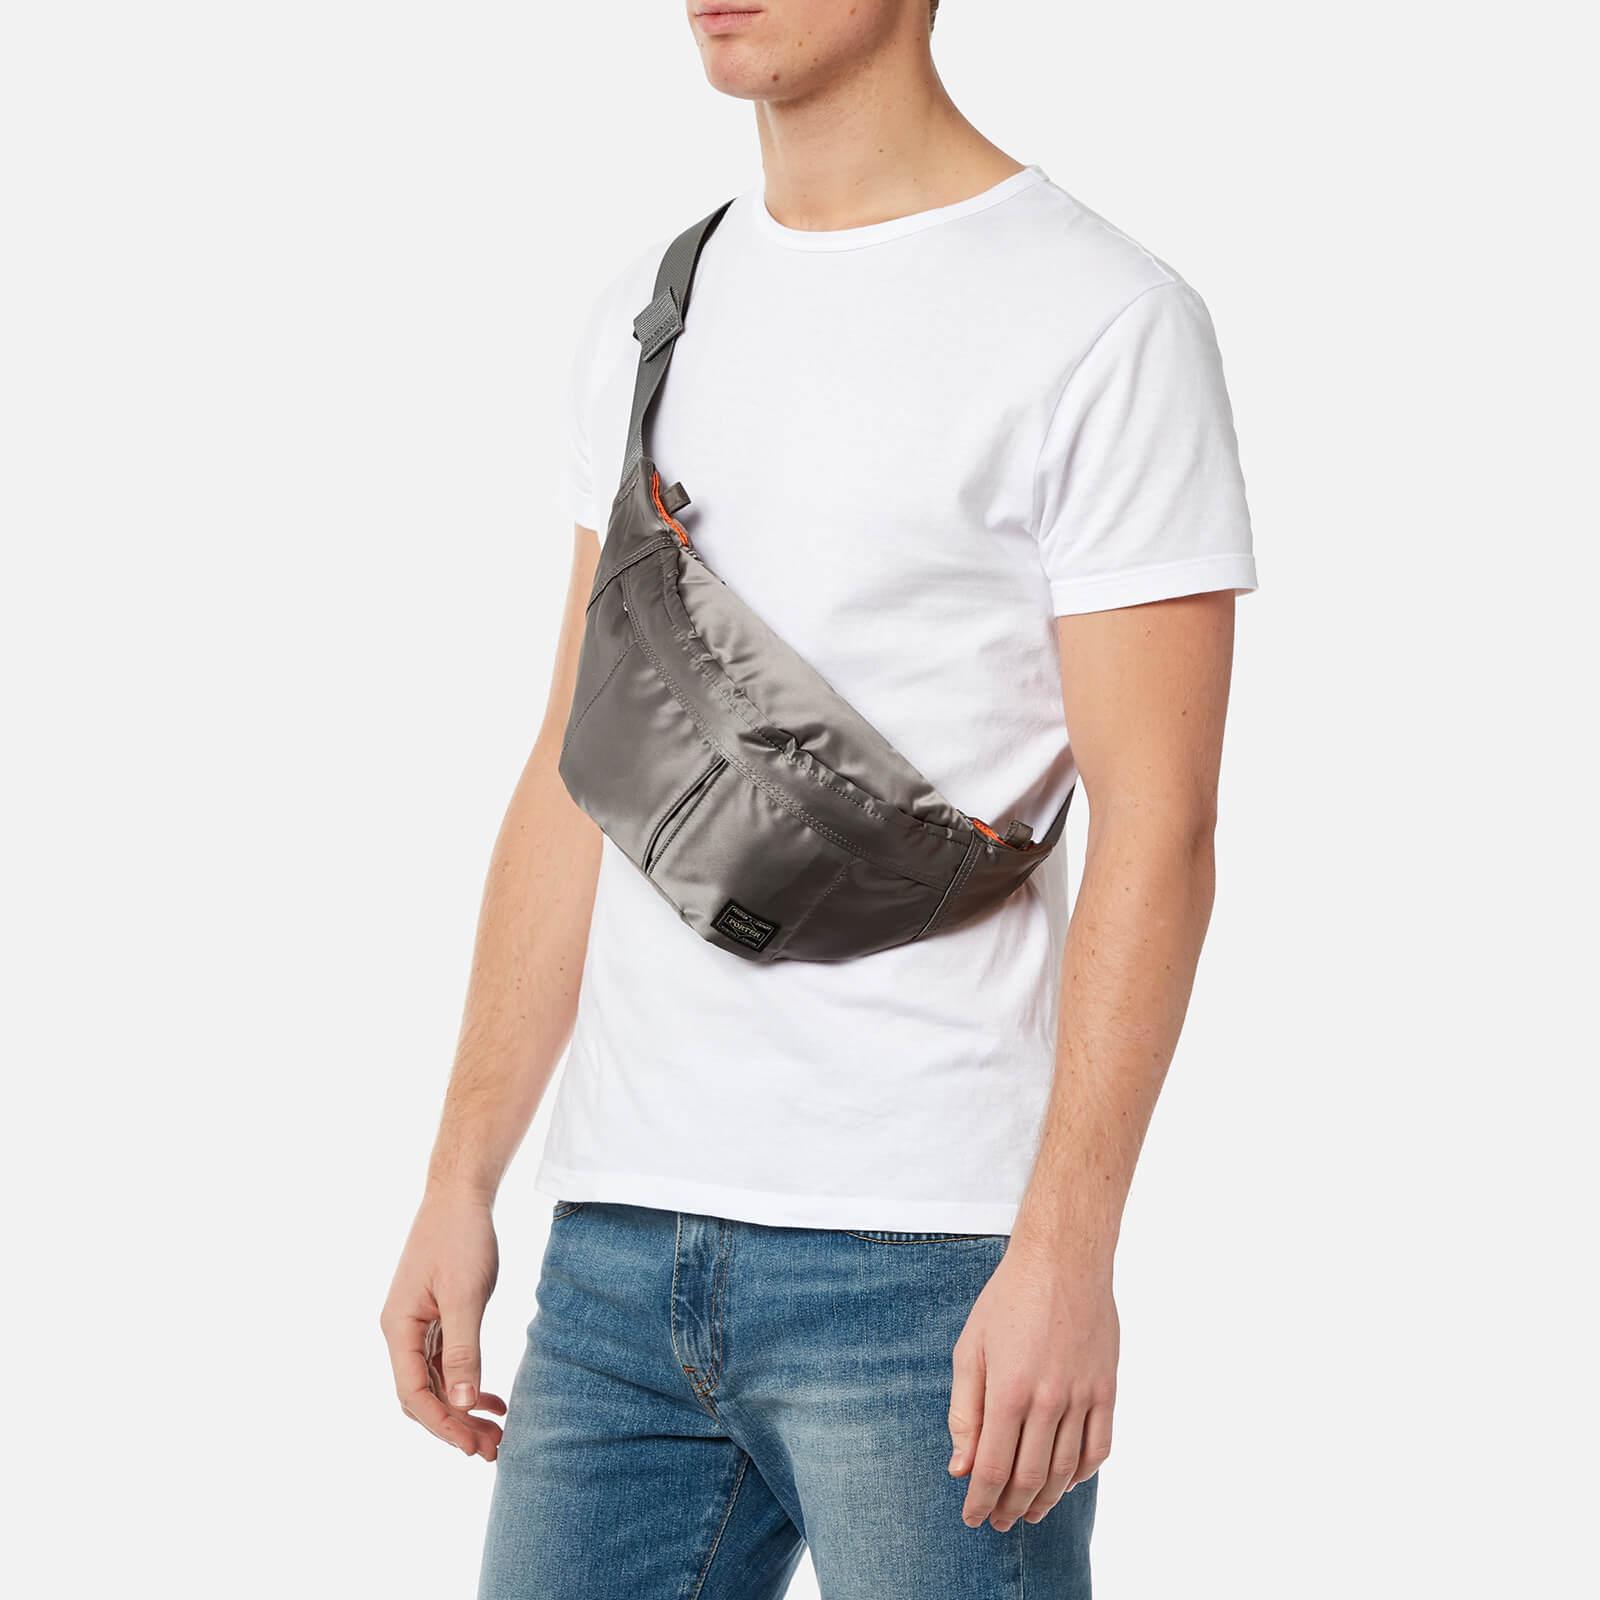 Lyst - Porter Tanker Waist Bag for Men 964d14864c5f8